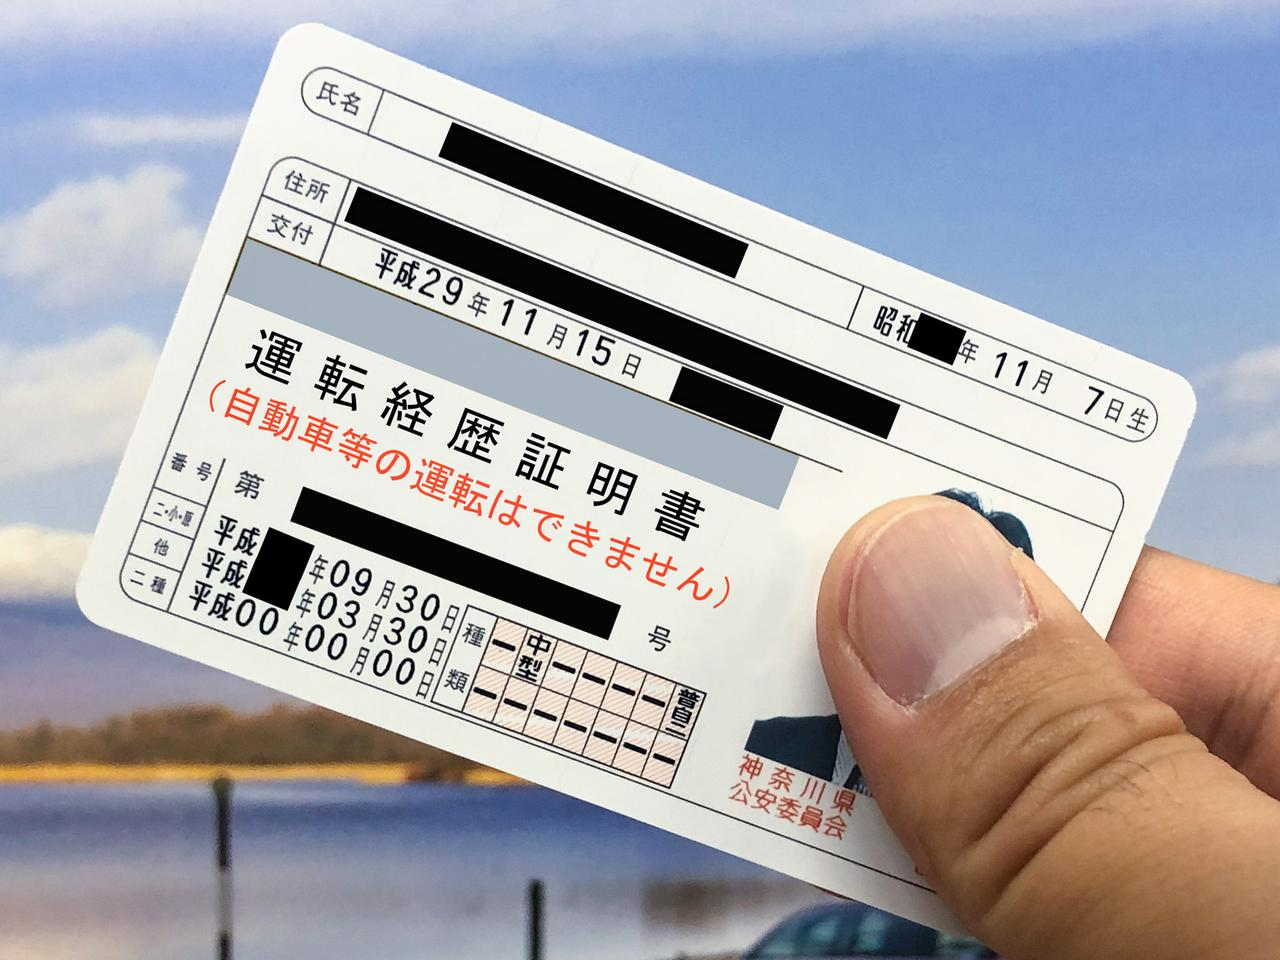 運転 経歴 証明 書 と は 運転経歴証明書とは。有効期限や特典・身分証明|チューリッヒ